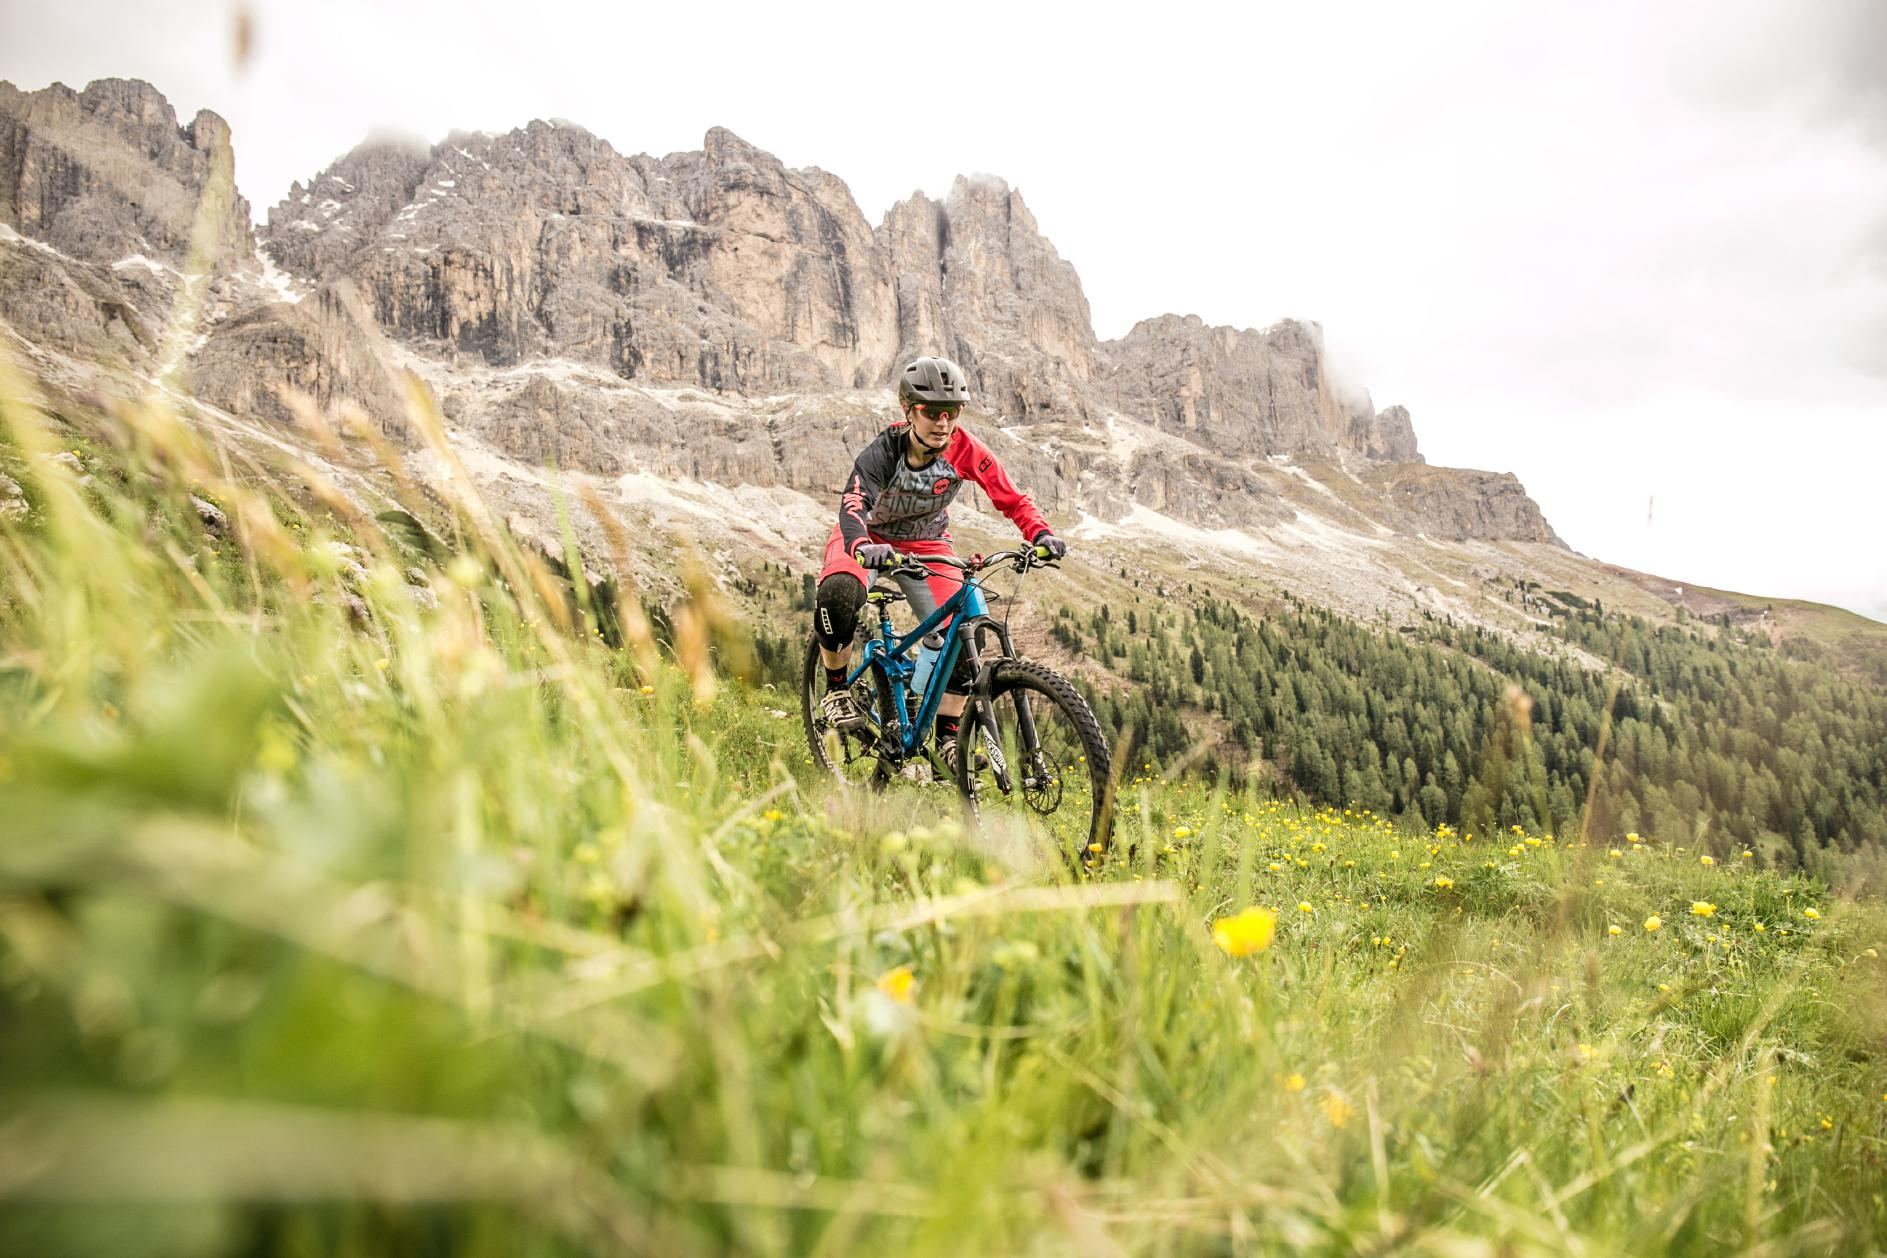 Atemberaubende Bergmassive und knackige Trails - dafür stehen die Dolomiten!